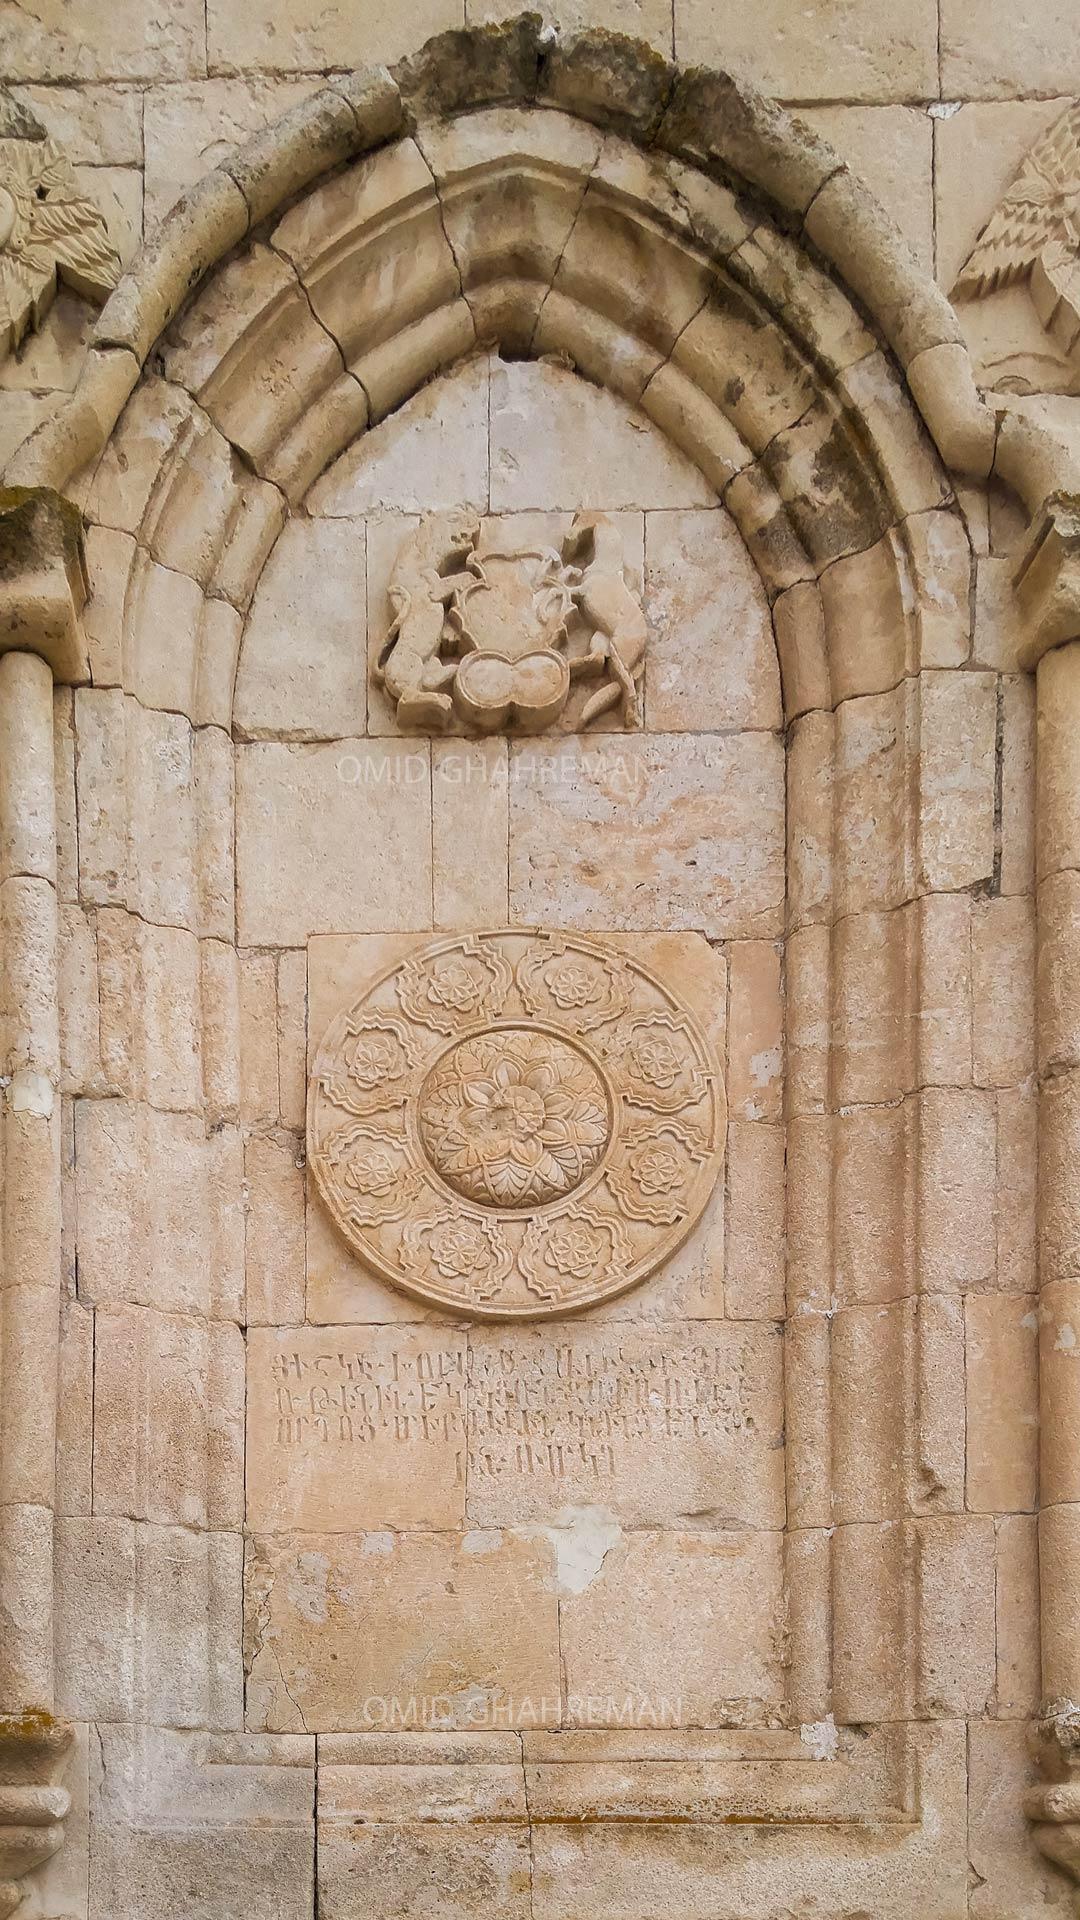 نماد گل حکاکی و حجاری شده بر روی سنگ